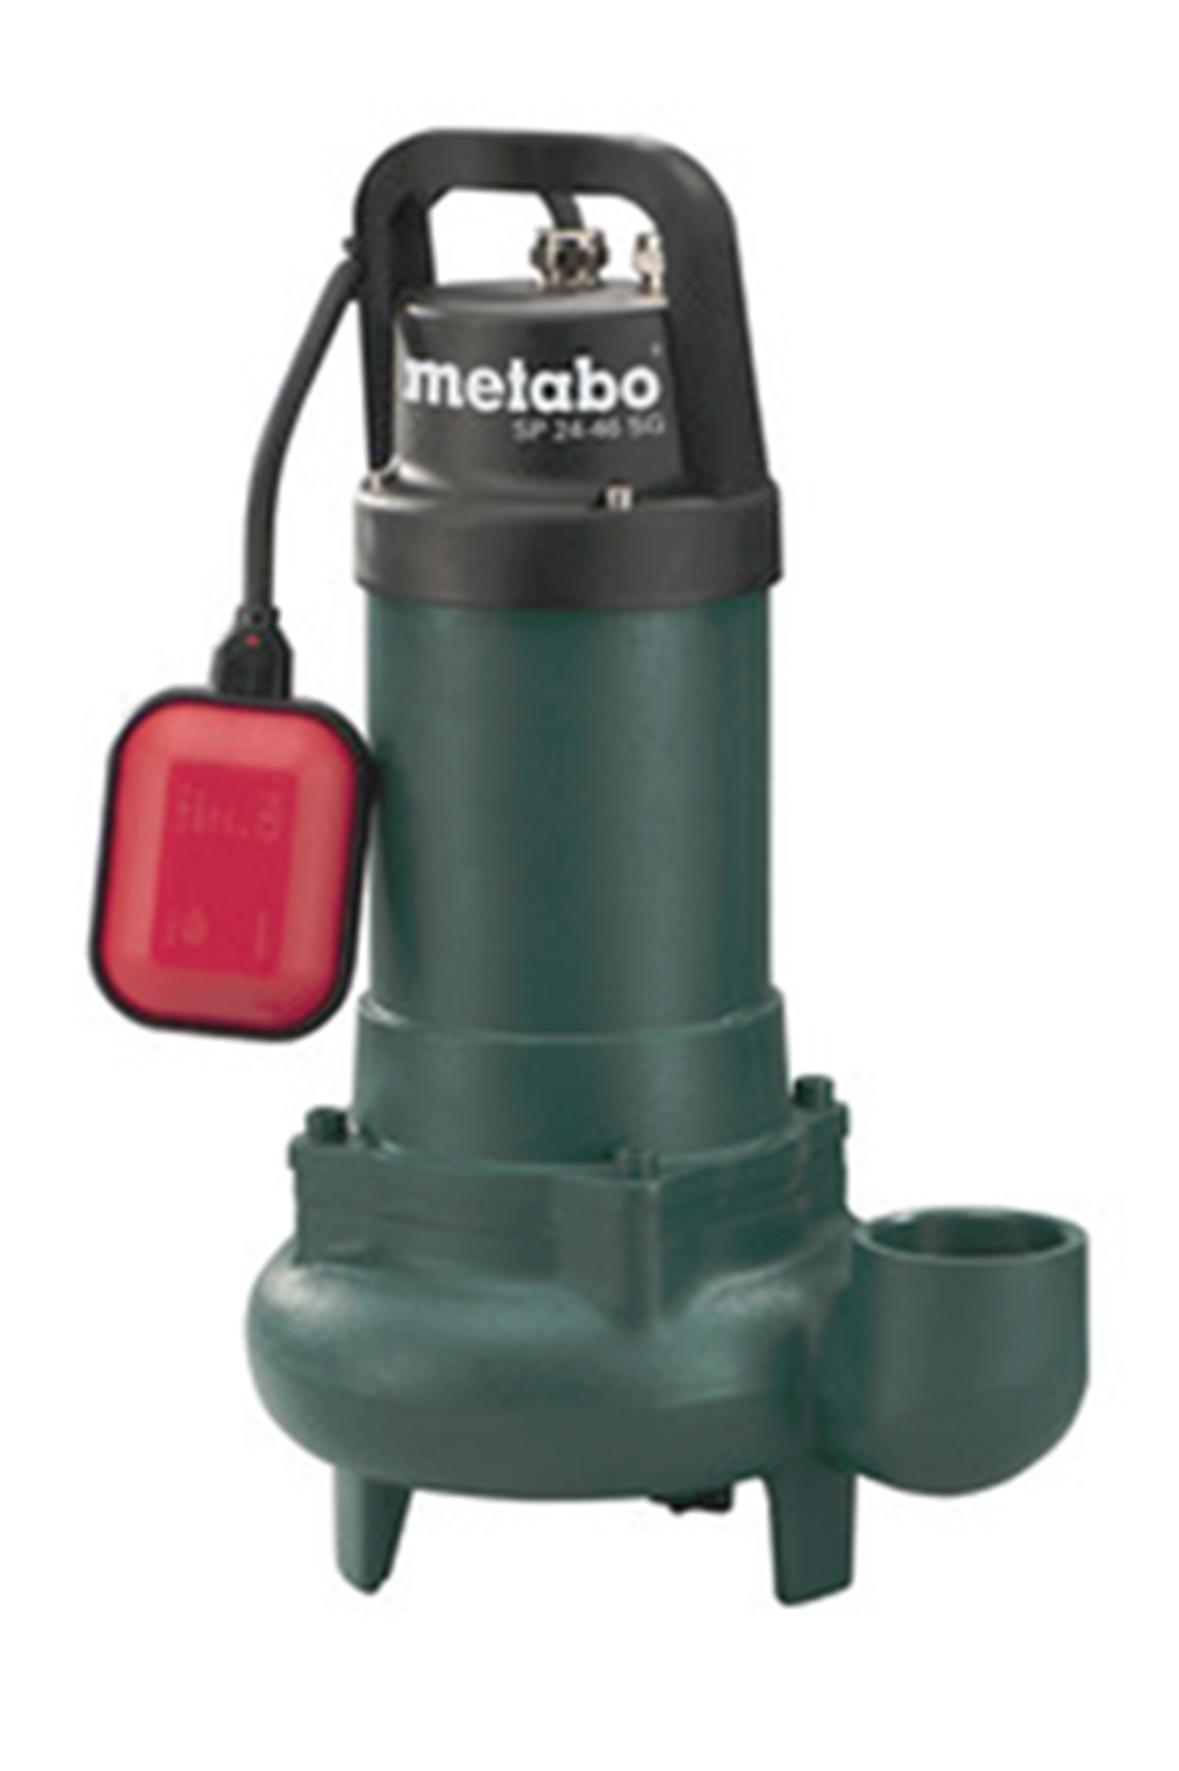 Pompe vidange metabo sp 24 46 sg achat en ligne ou dans for Pompe chauffante